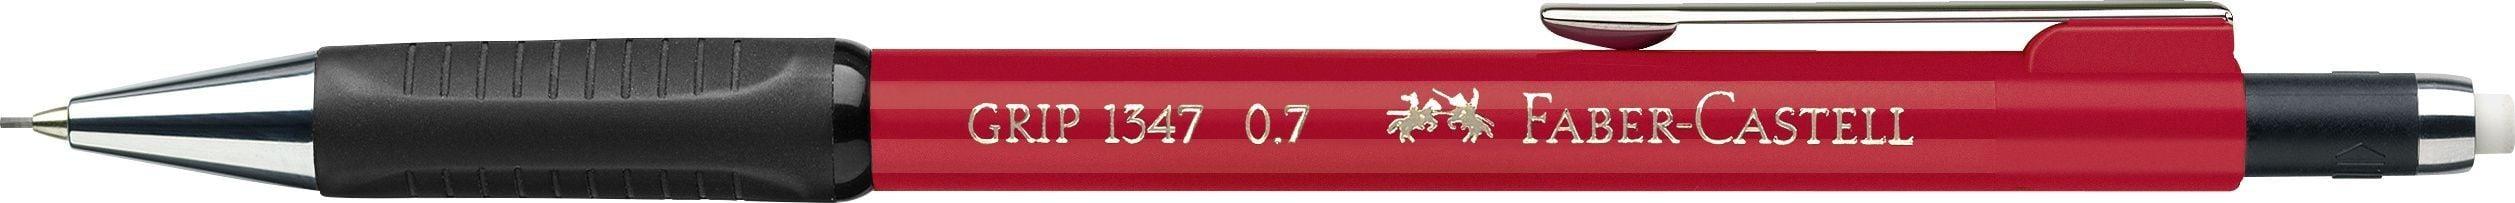 CREION MECANIC 0.7MM ROSU APRINS GRIP 1347 FABER-CASTELL